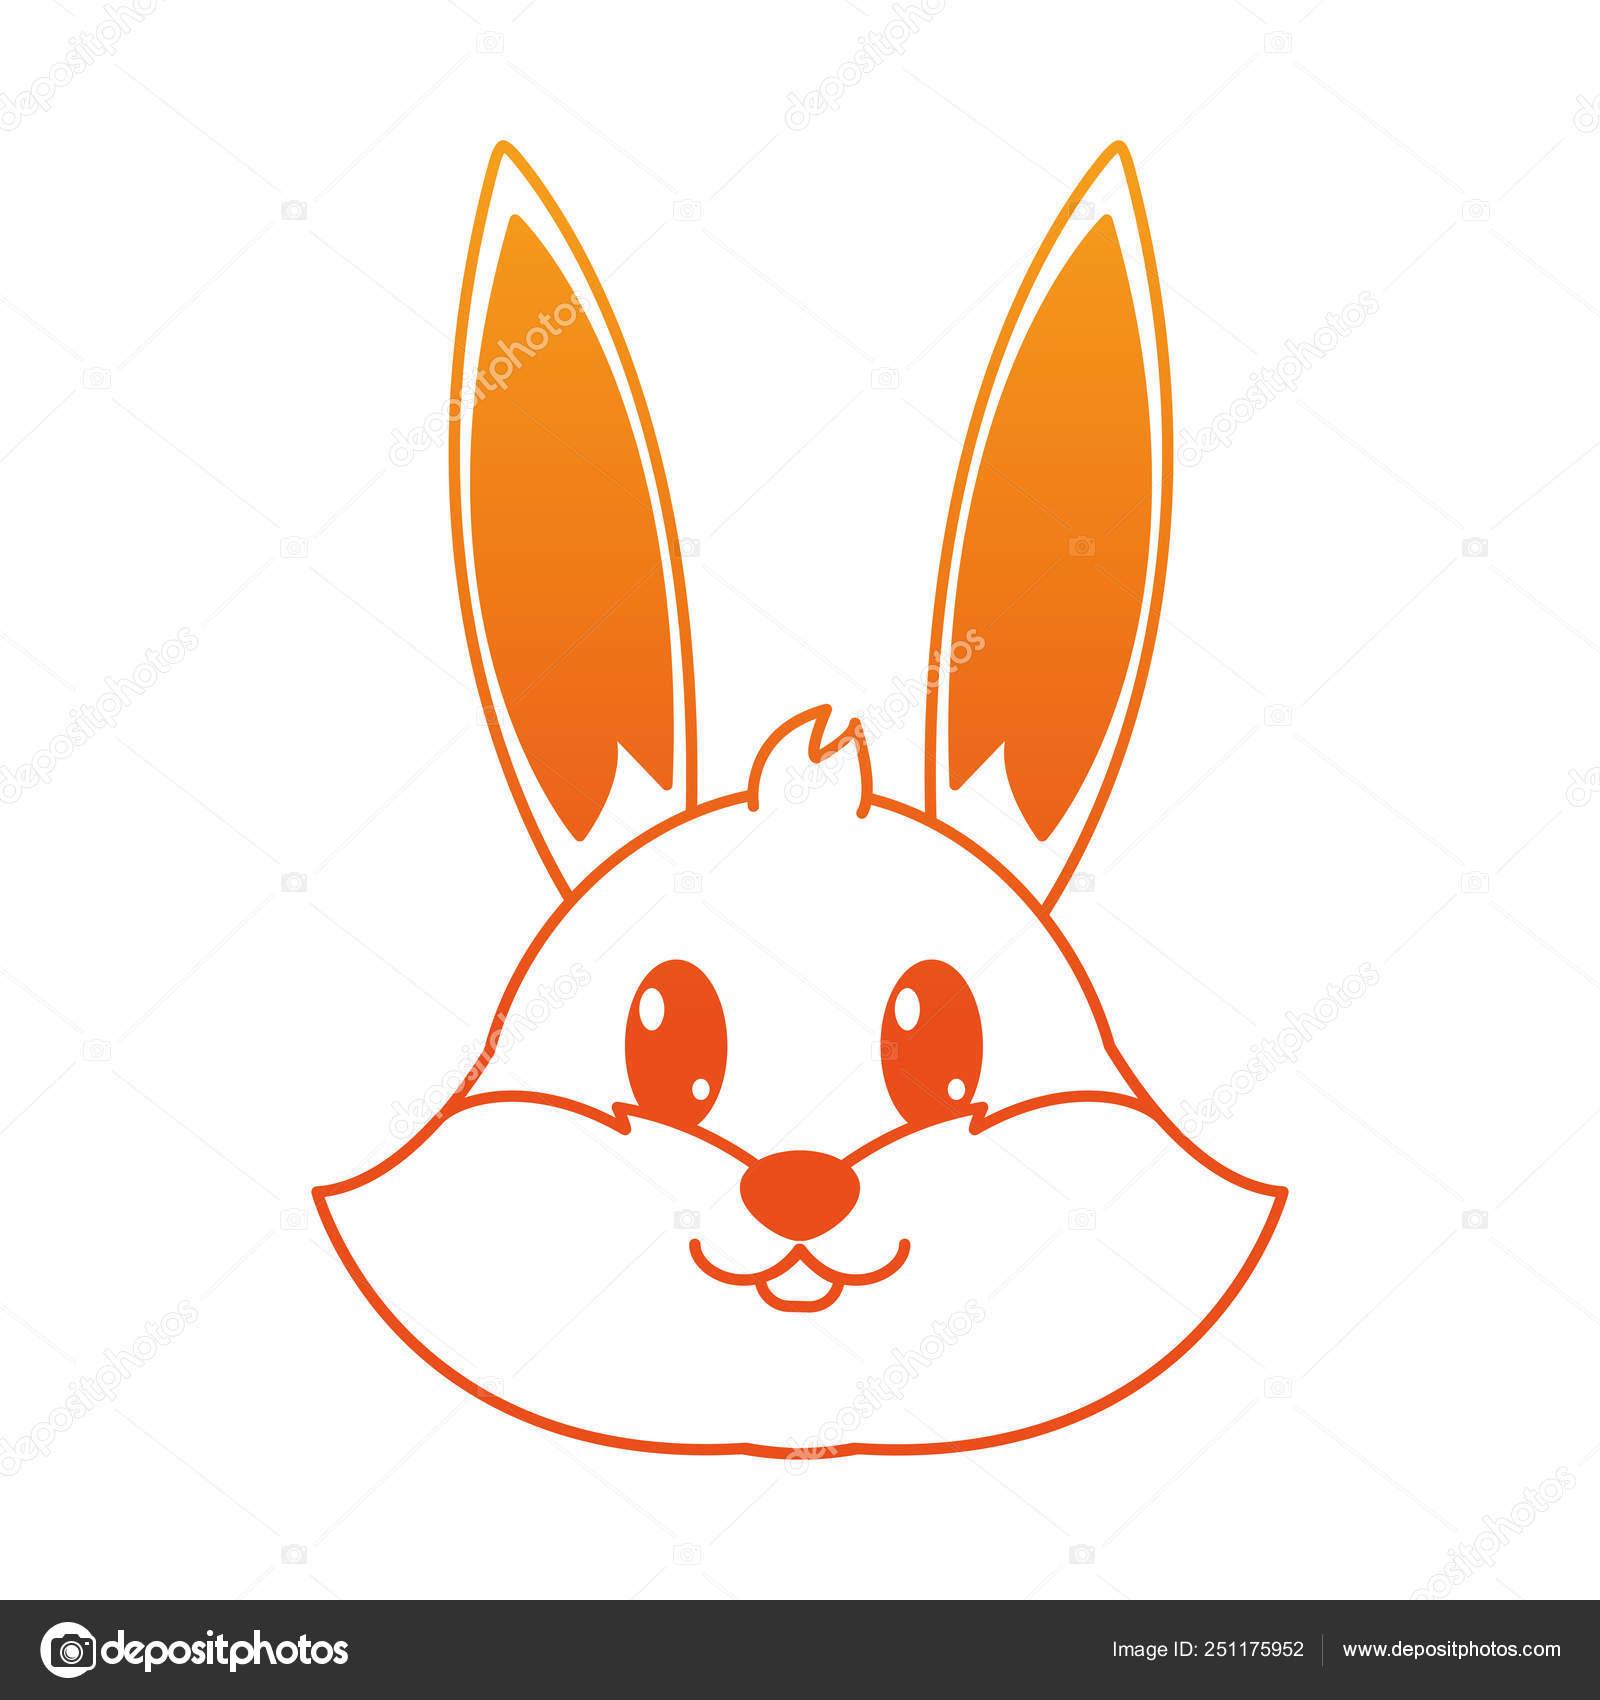 オレンジ色のラインのウサギ頭のかわいい動物キャラクター